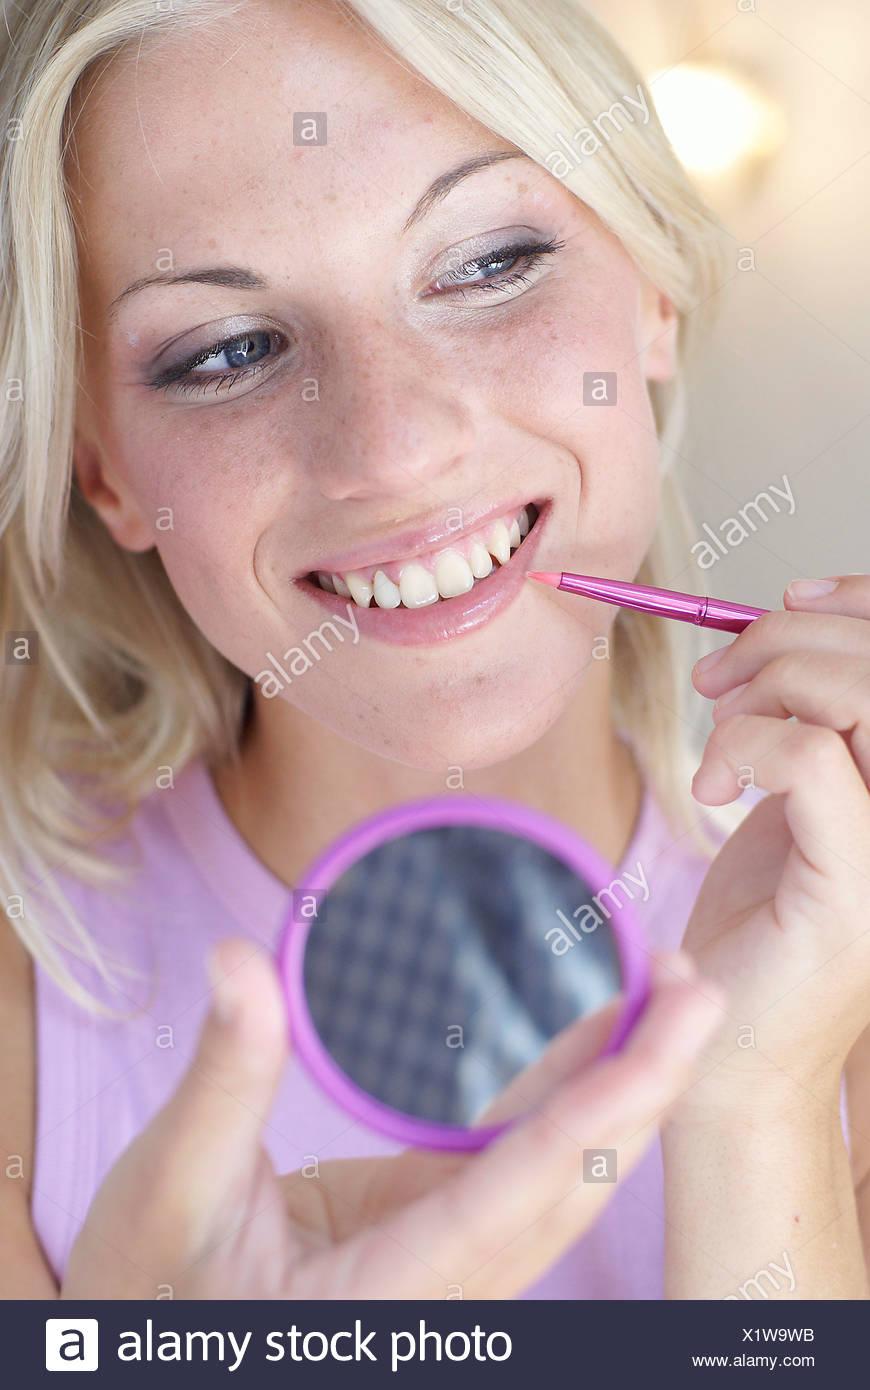 Femmina lunghi capelli biondi sciolti usurati che indossa un color malva  vest tenendo un piccolo giro viola bordata mirrand mano una rosa luminoso 35eaf54280e